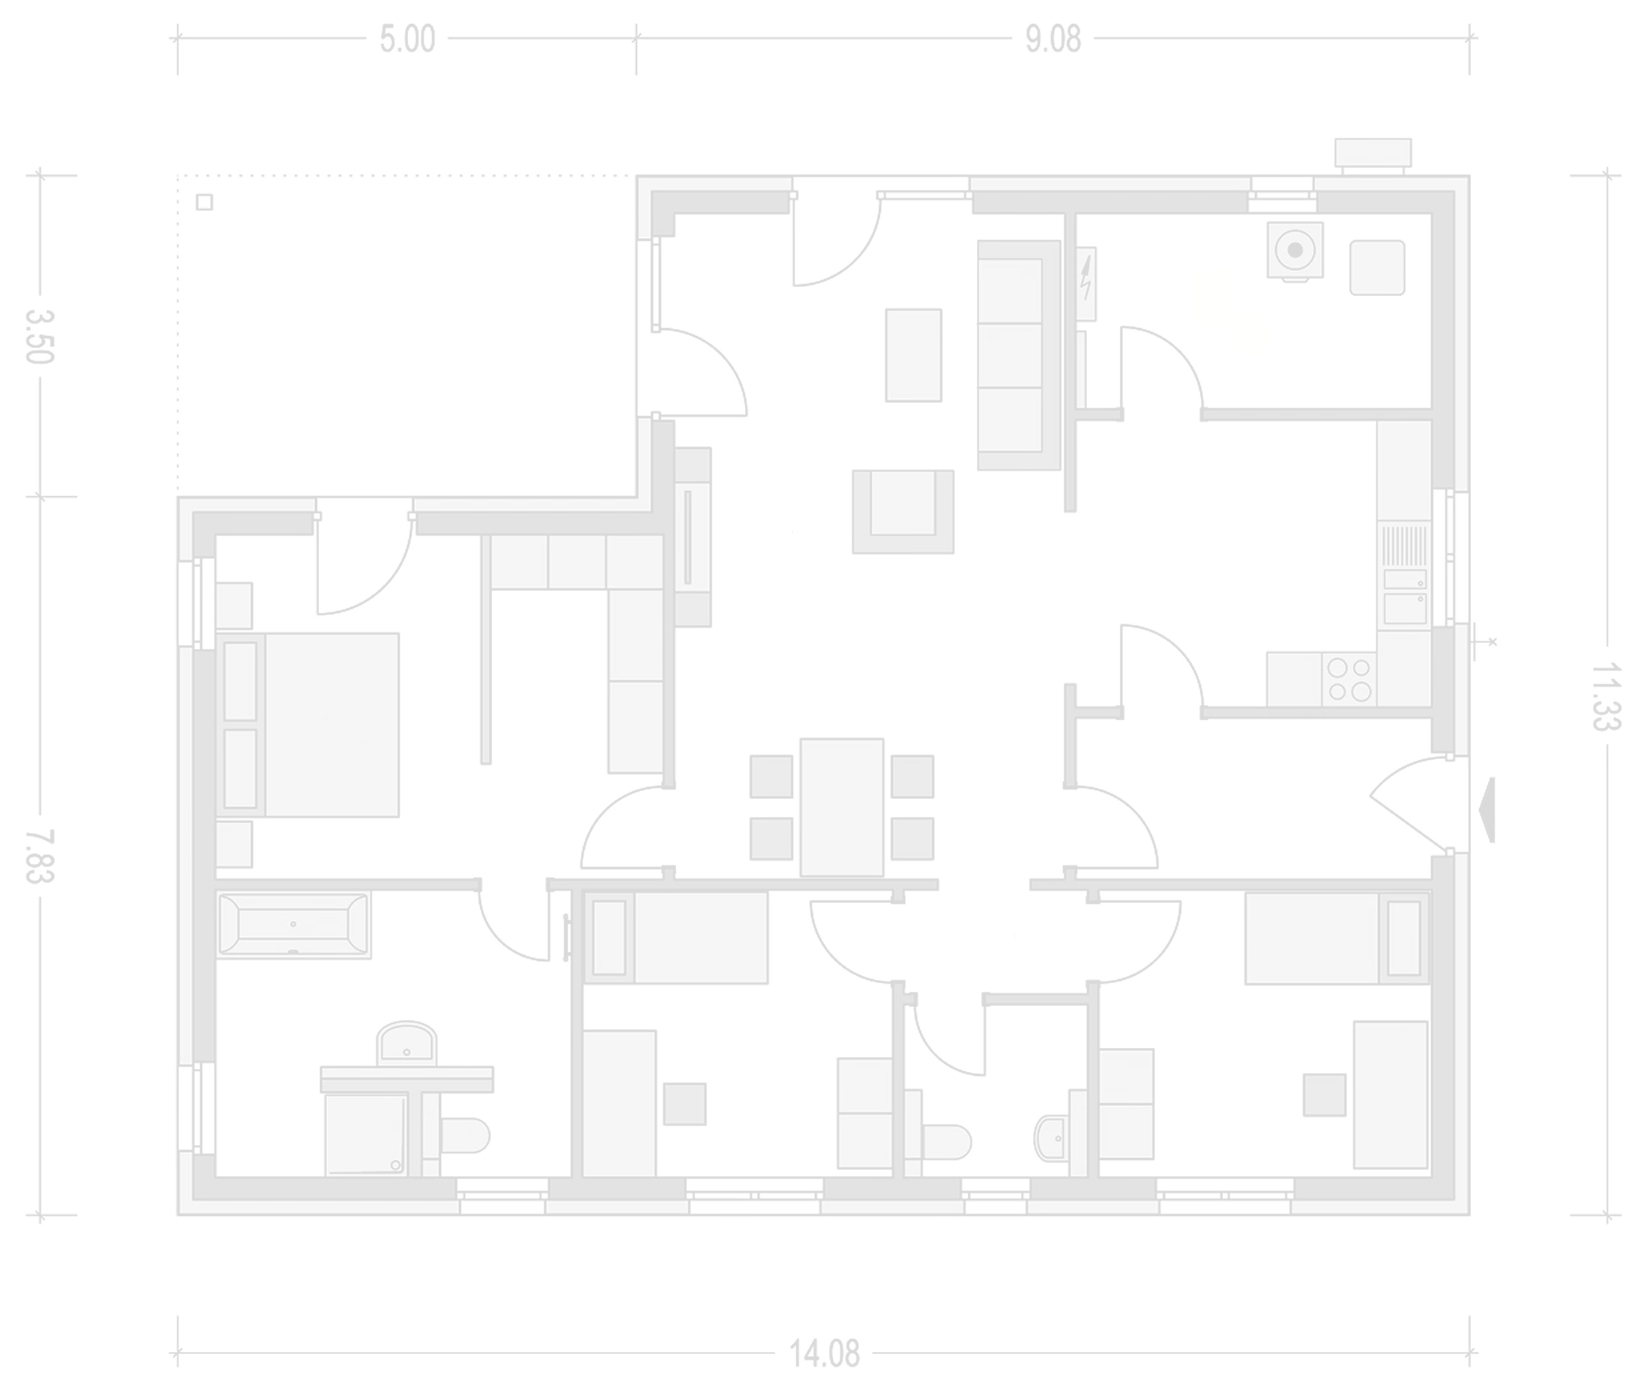 Planimetria della costruzione Casa in Legno modello Abitazione 2008_1 di diemmelegno